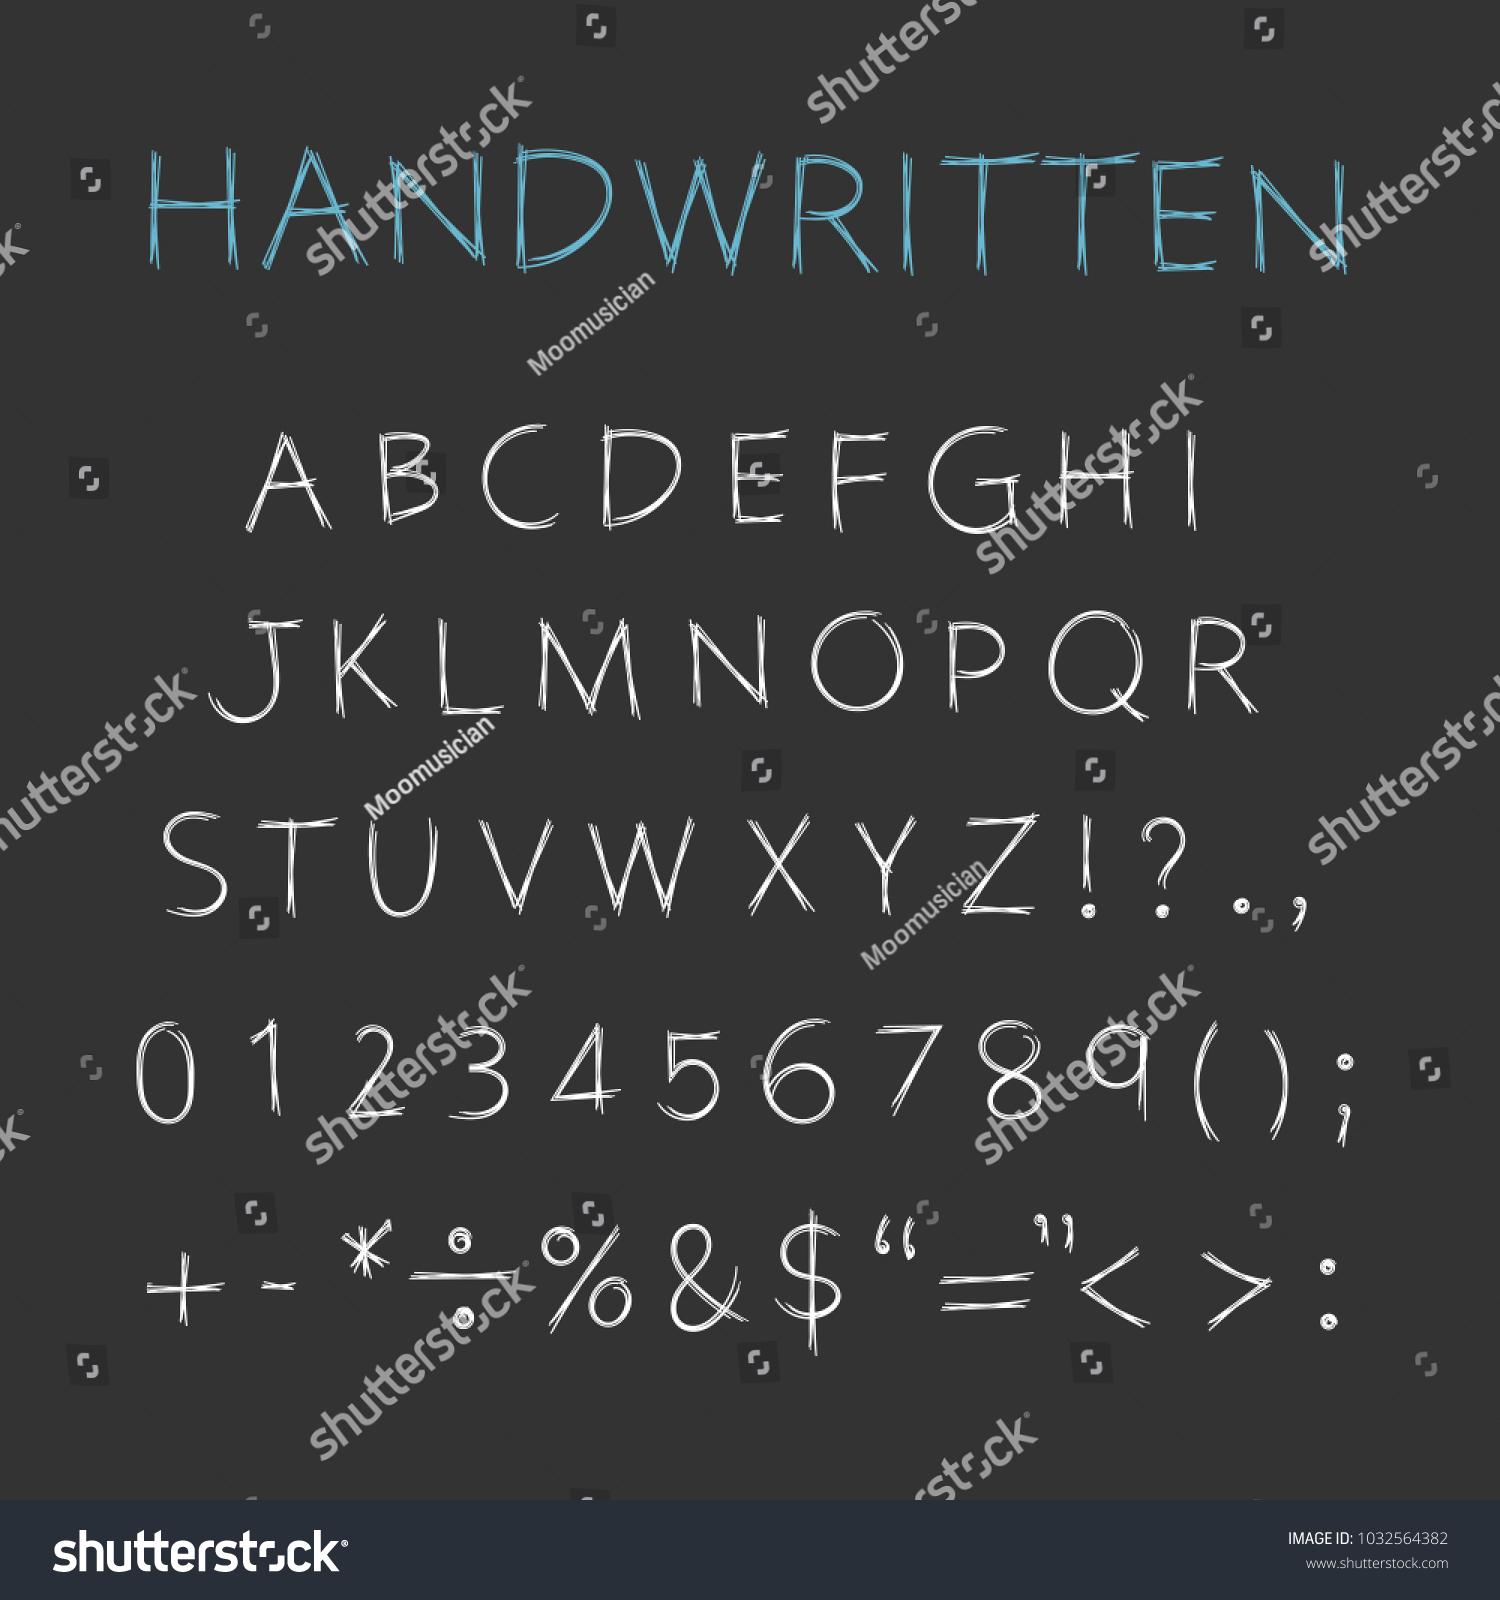 Handwritten Alphabet Capital Letters Symbols Vector Stock Vector